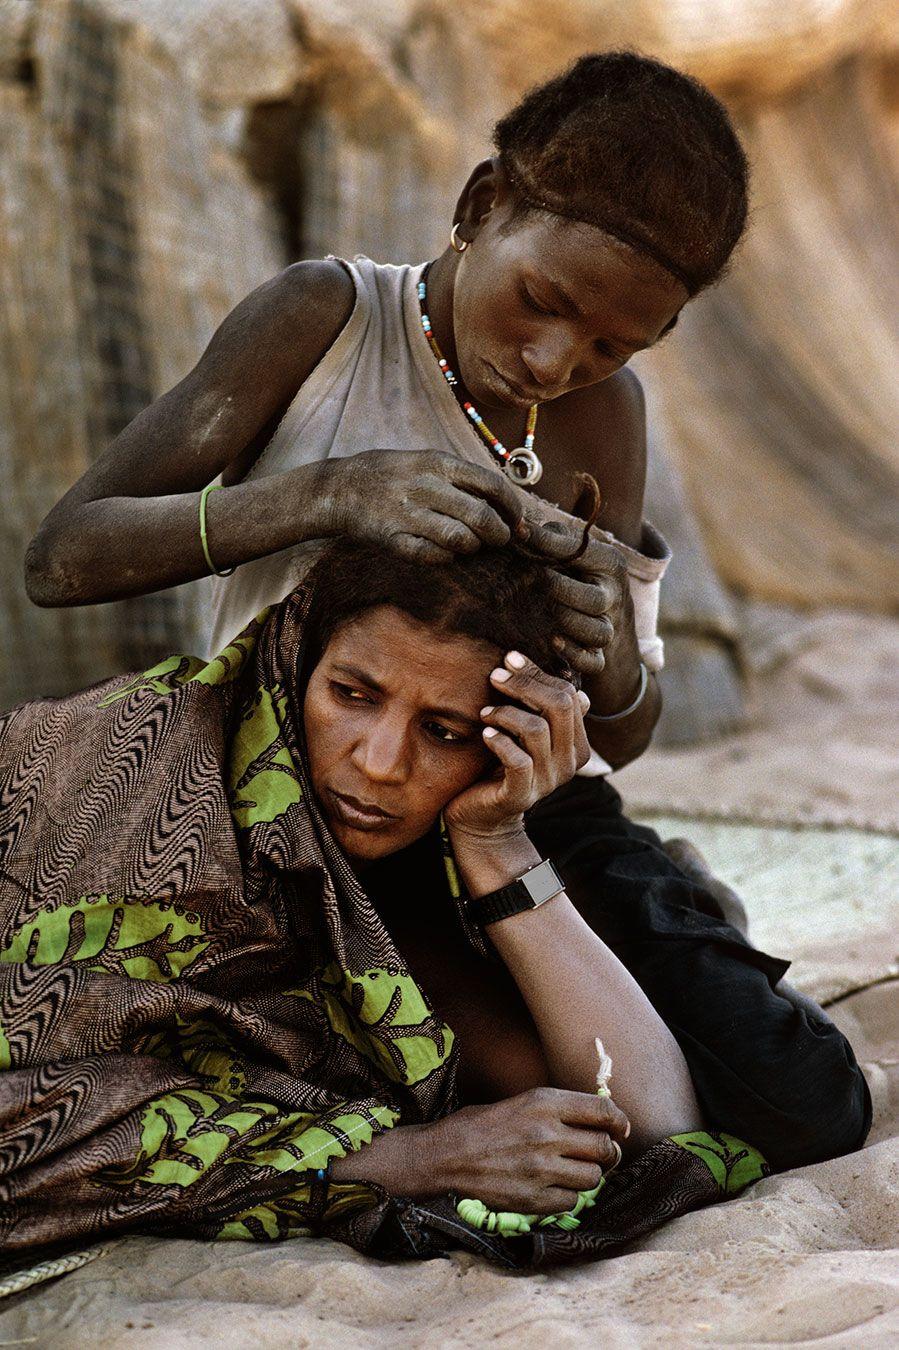 Child Labor | Timbuktu, Mali